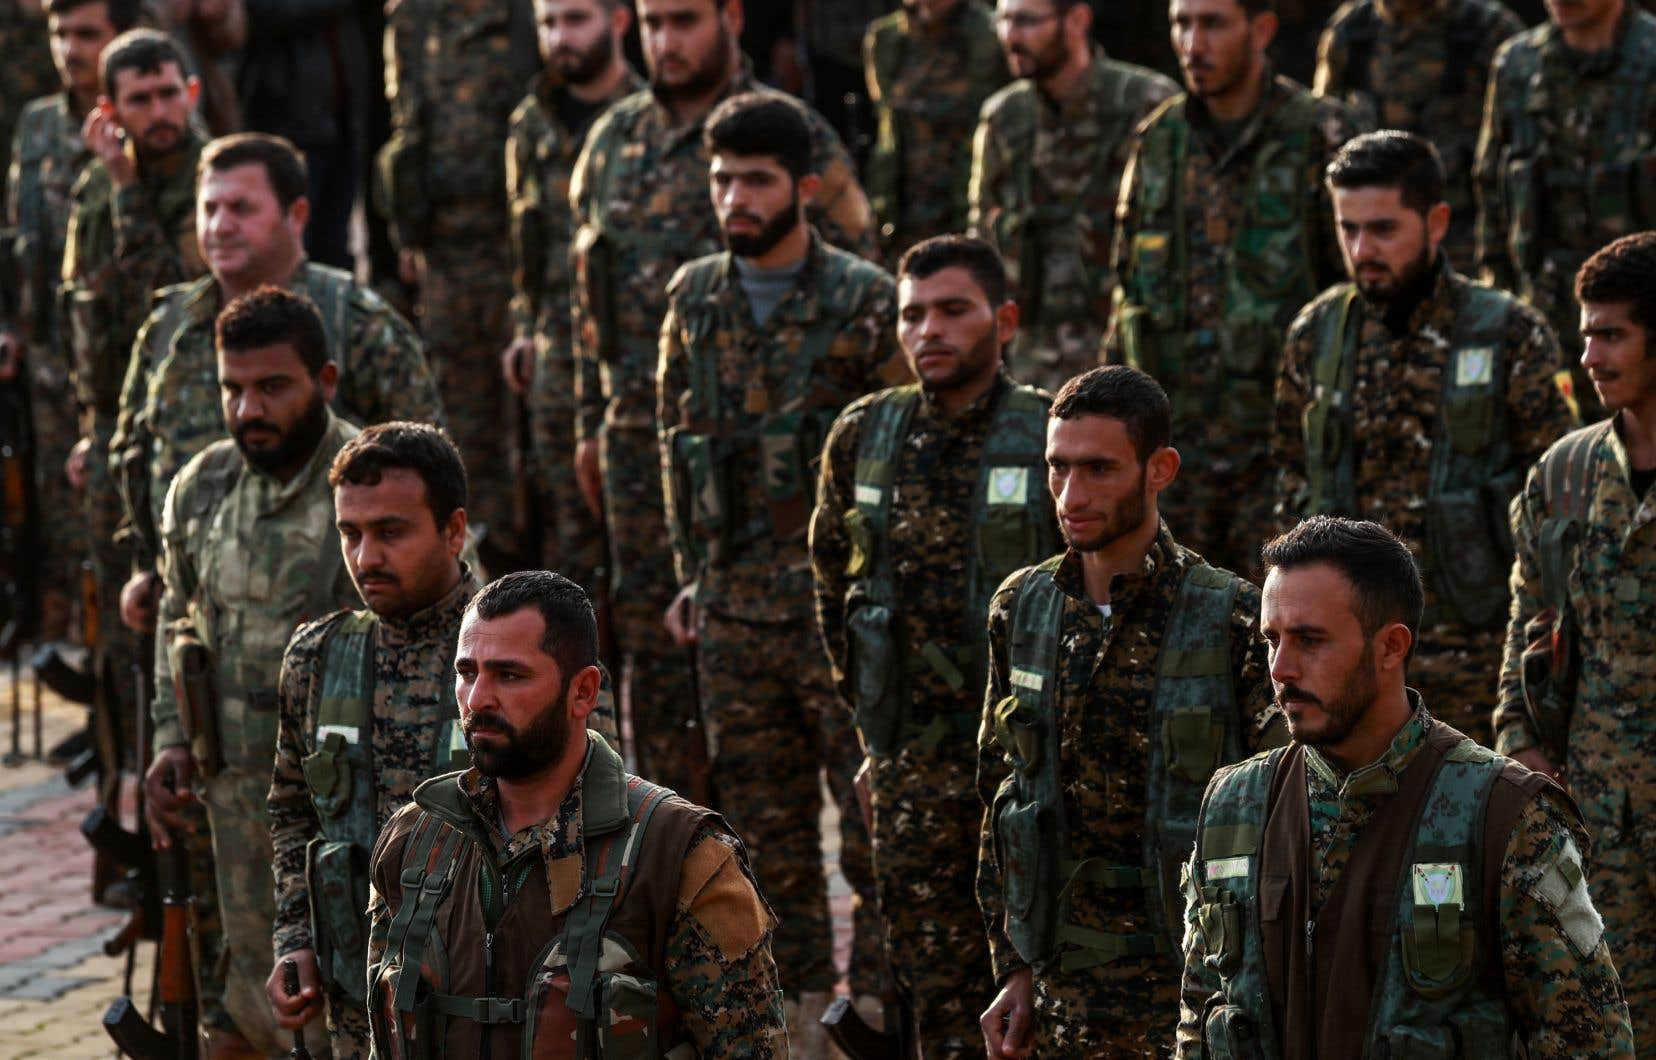 Le 28décembre, les YPG, confirmant leur retrait de la région face aux «menaces turques», avaient appelé l'armée syrienne à reprendre leurs positions.